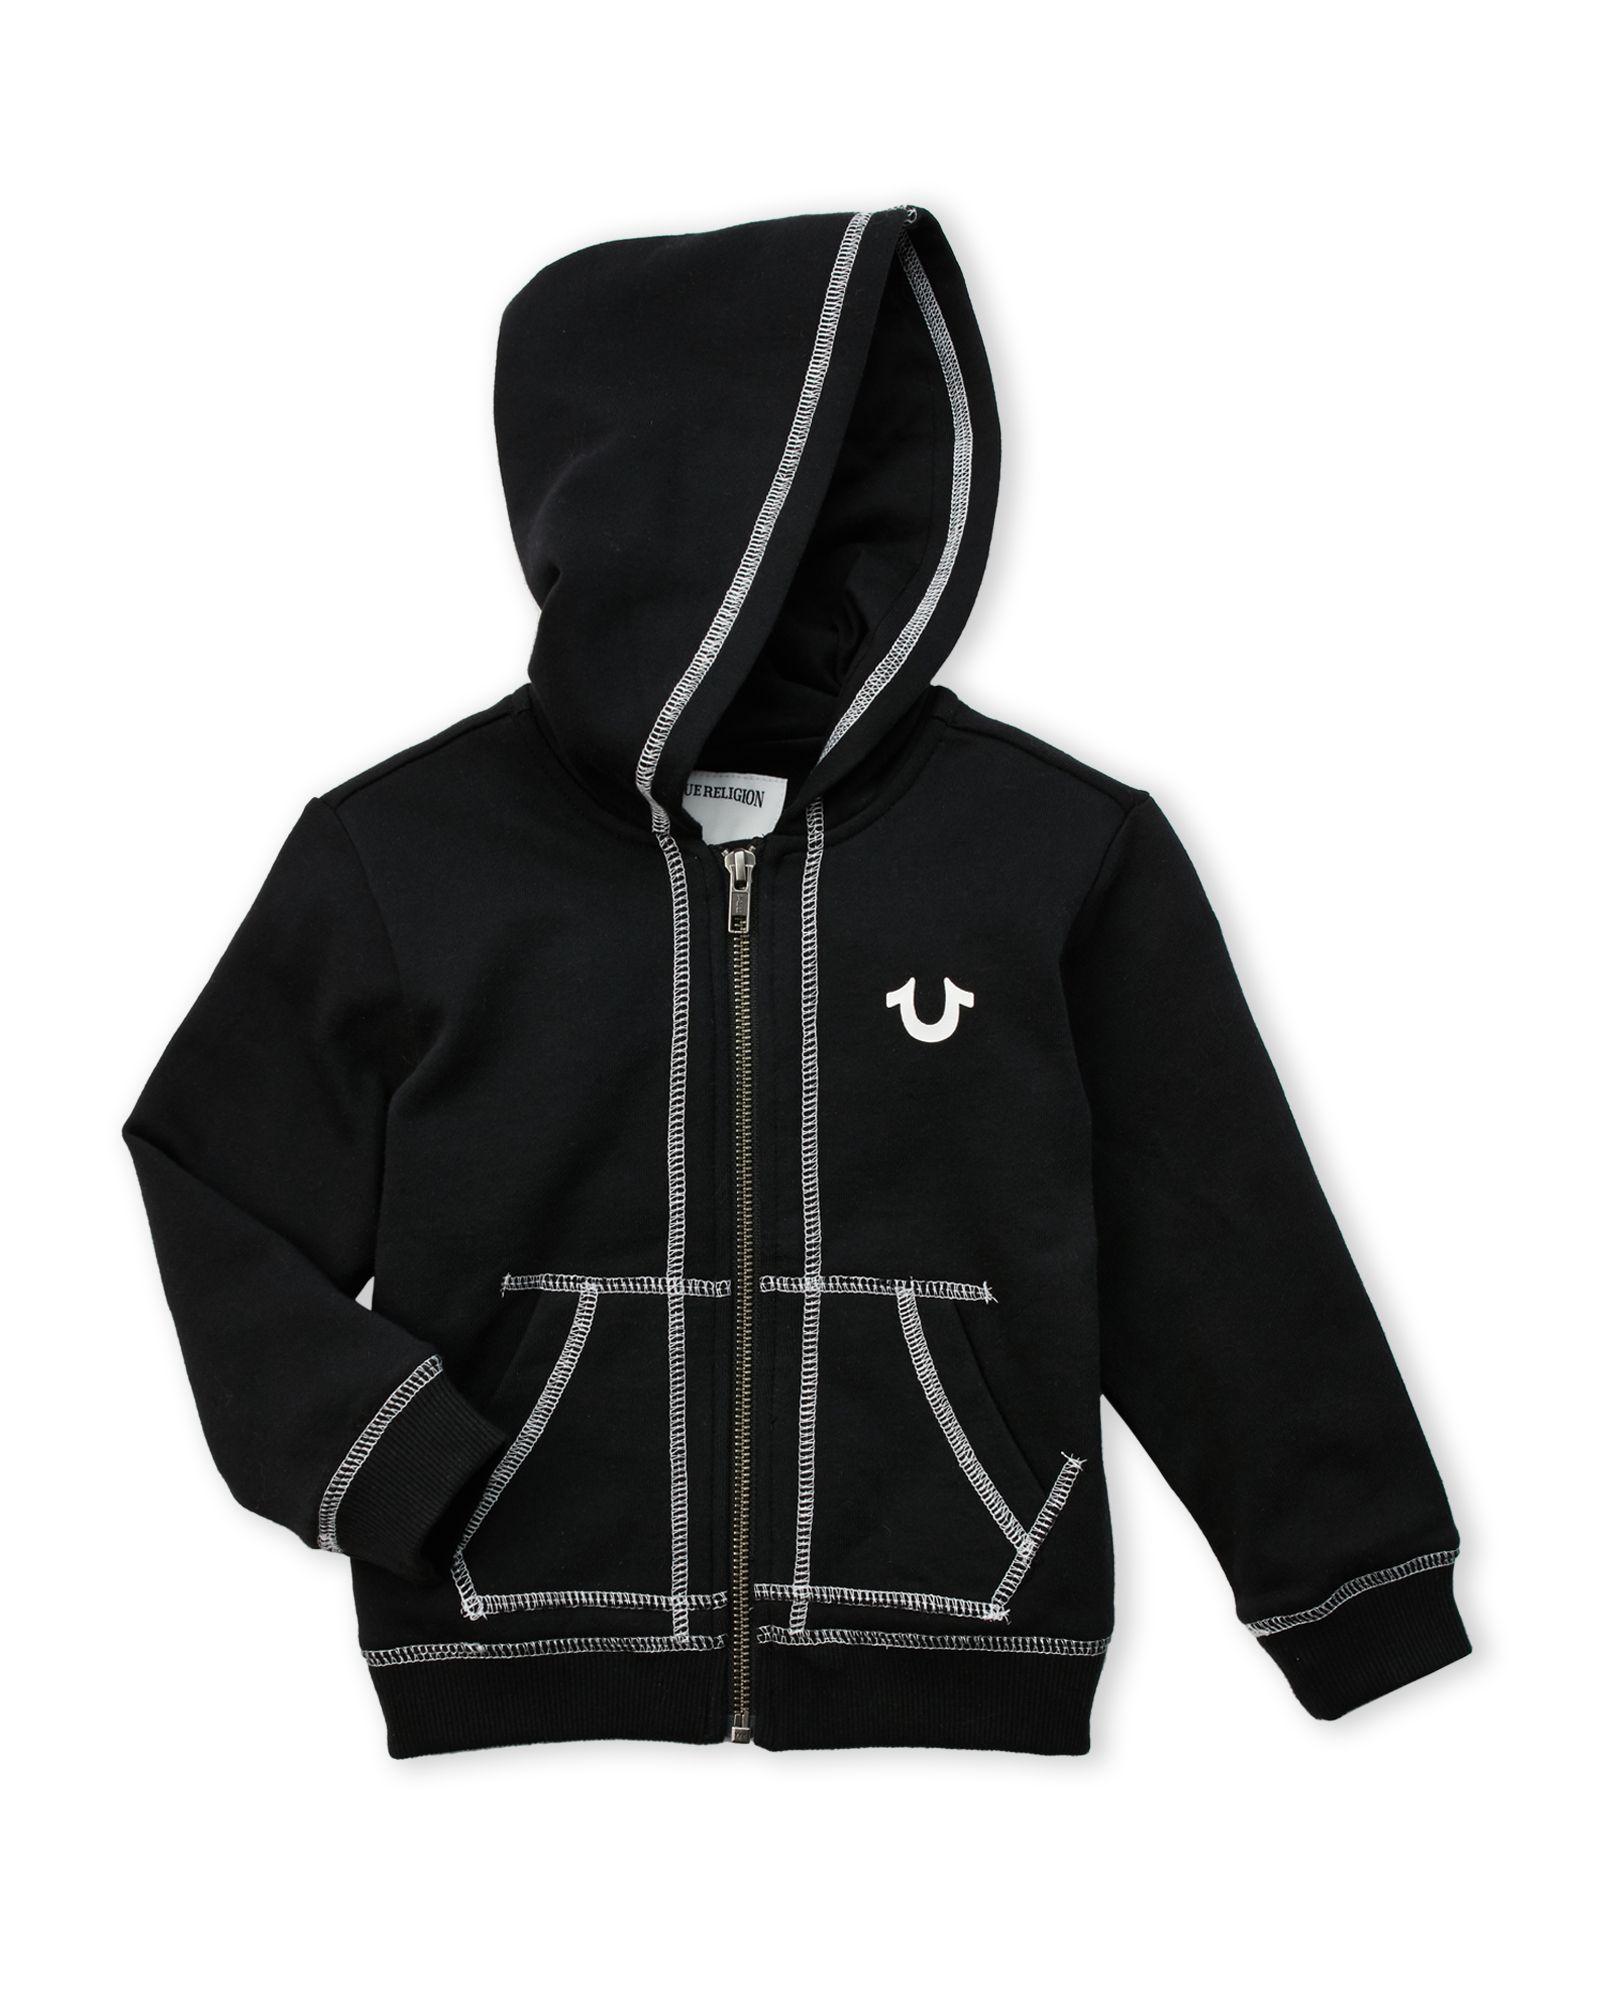 9b7ff54ed Toddler Boys) Zip-Up Hoodie | *Apparel & Accessories* | Hoodies ...